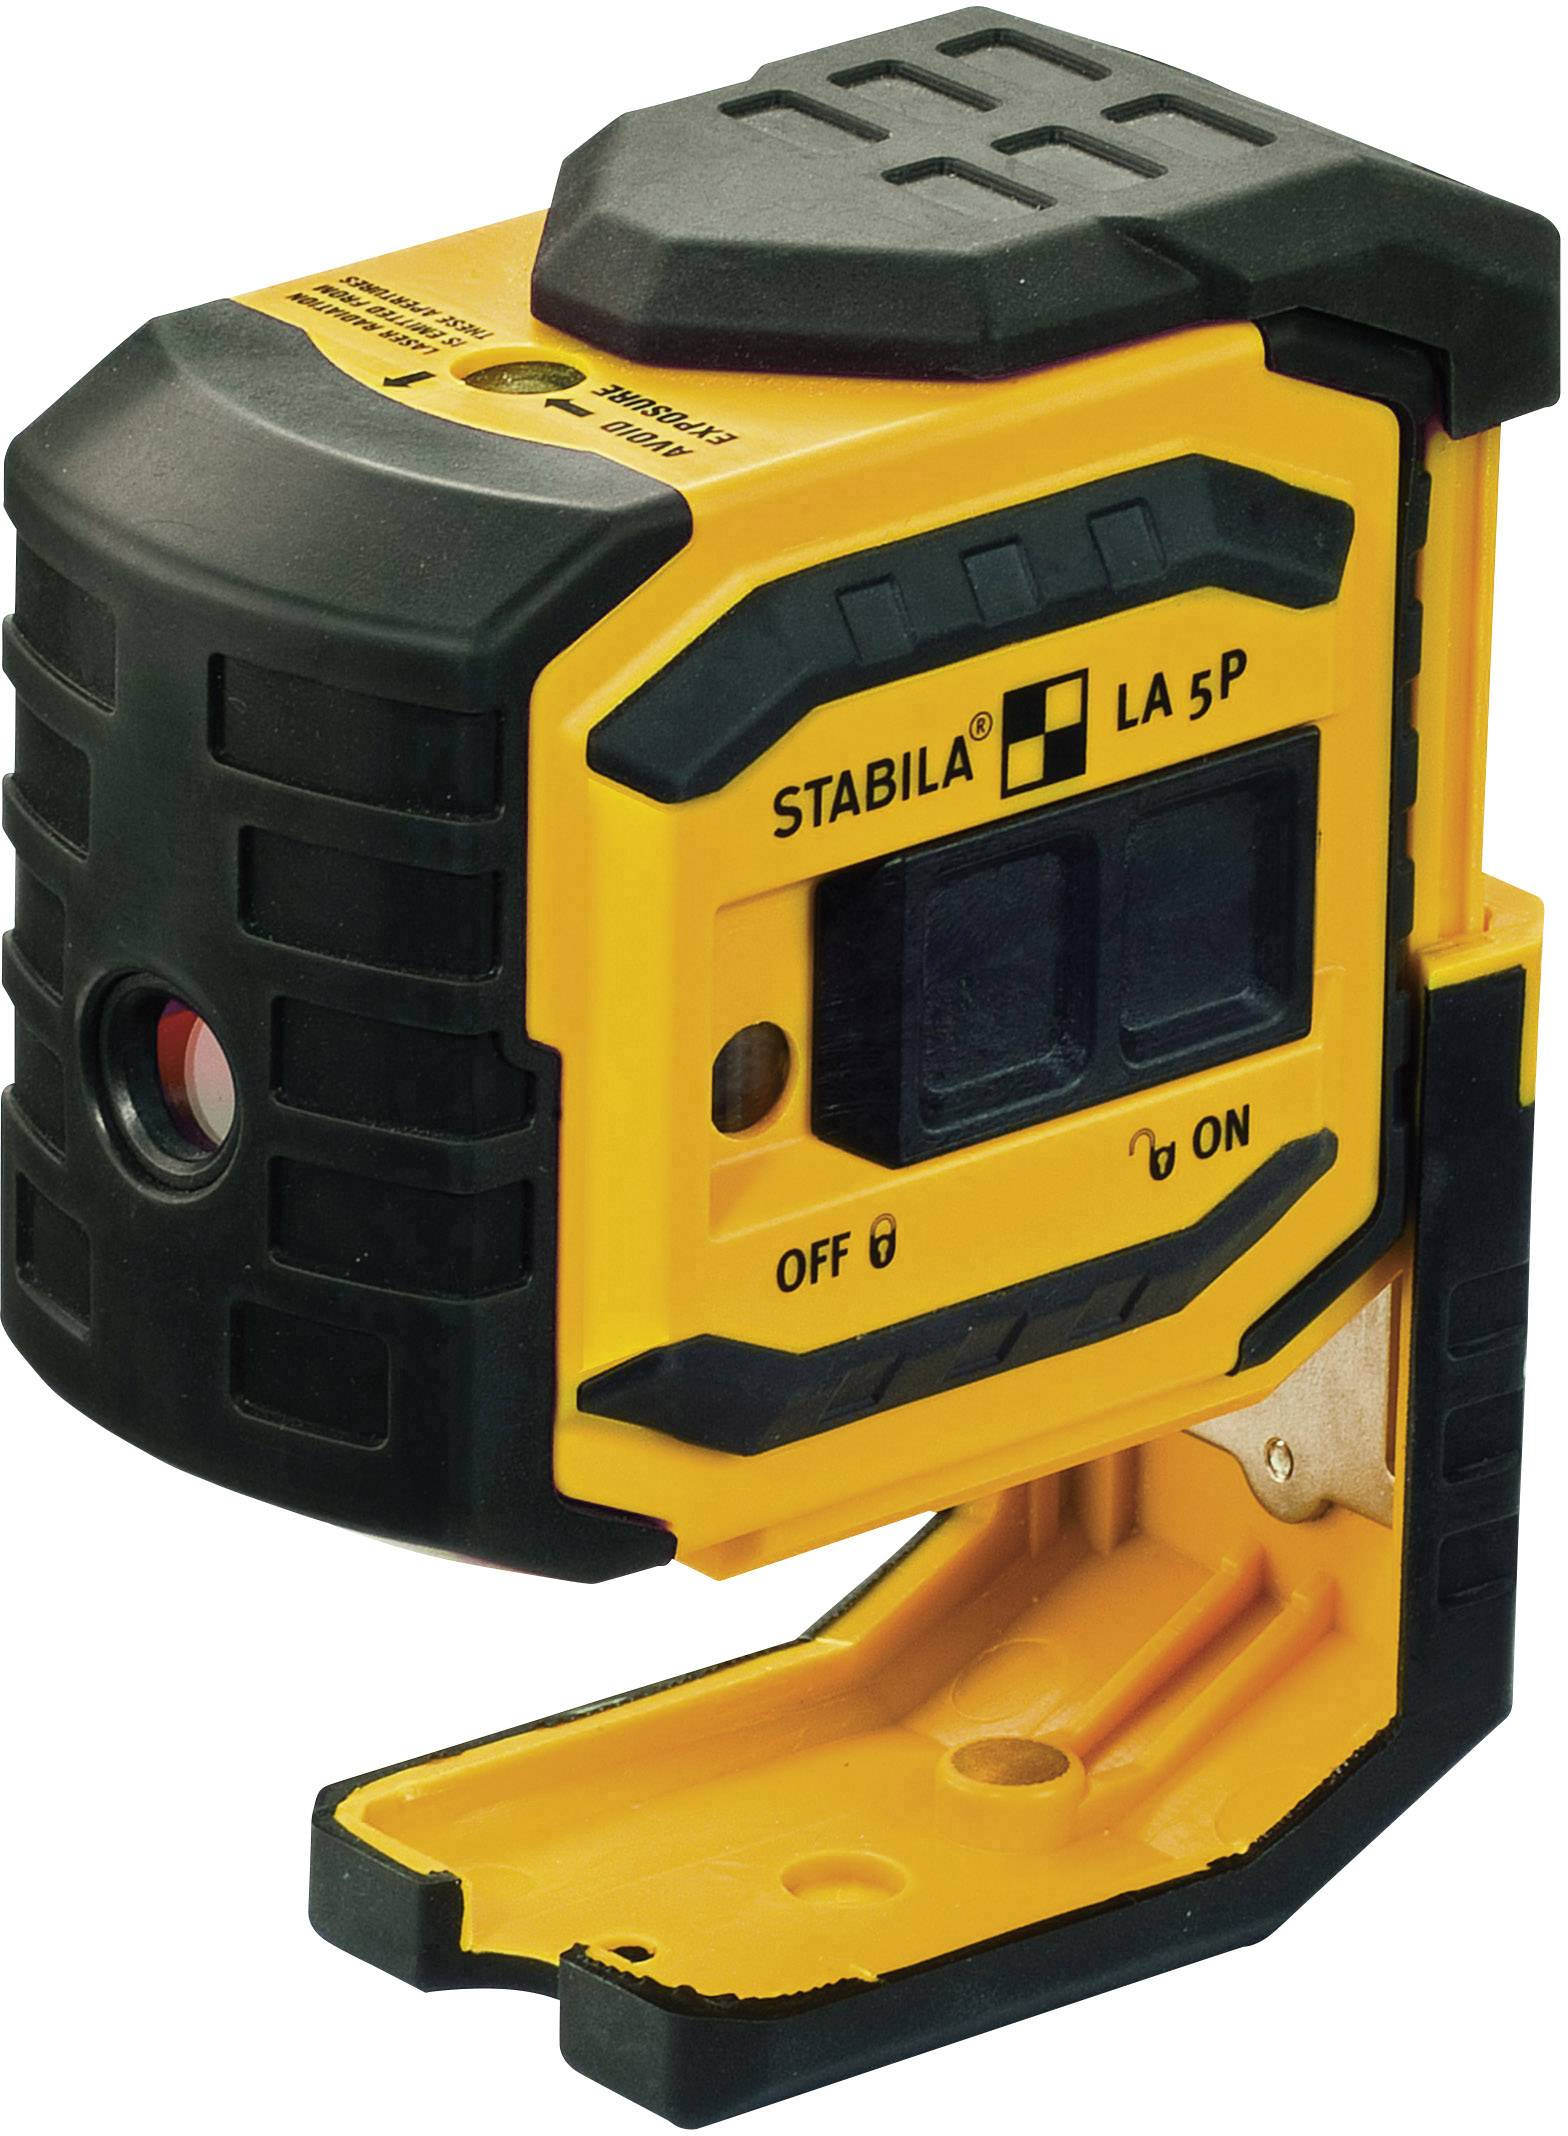 Bodový laser samonivelační Stabila LA-5P, dosah (max.): 30 m, Kalibrováno dle: vlastní